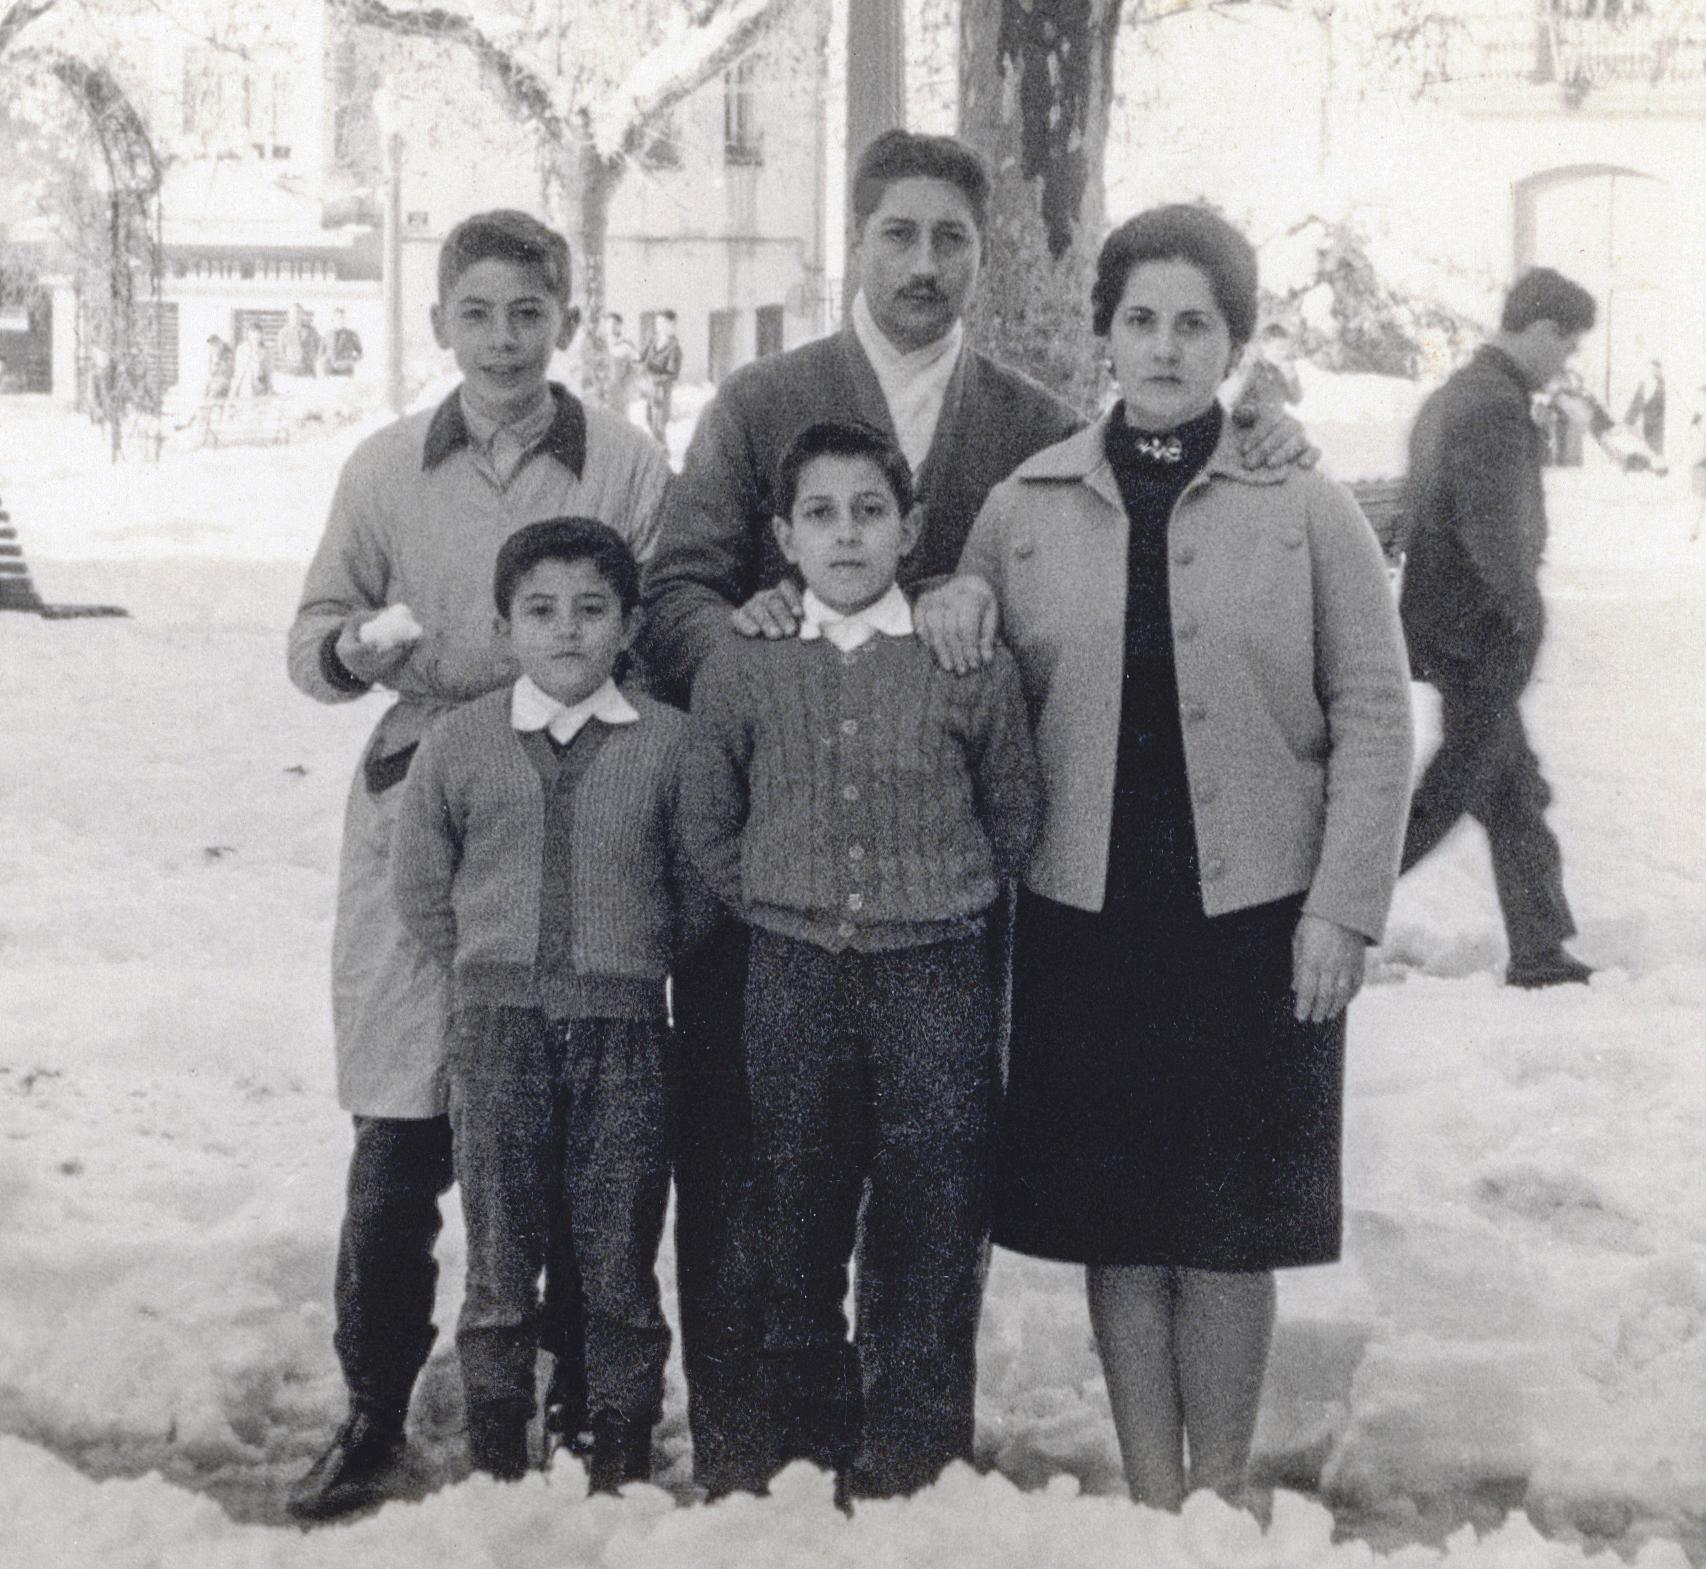 La família emprenedora del bar Jauja El Periòdic d'Ontinyent - Noticies a Ontinyent